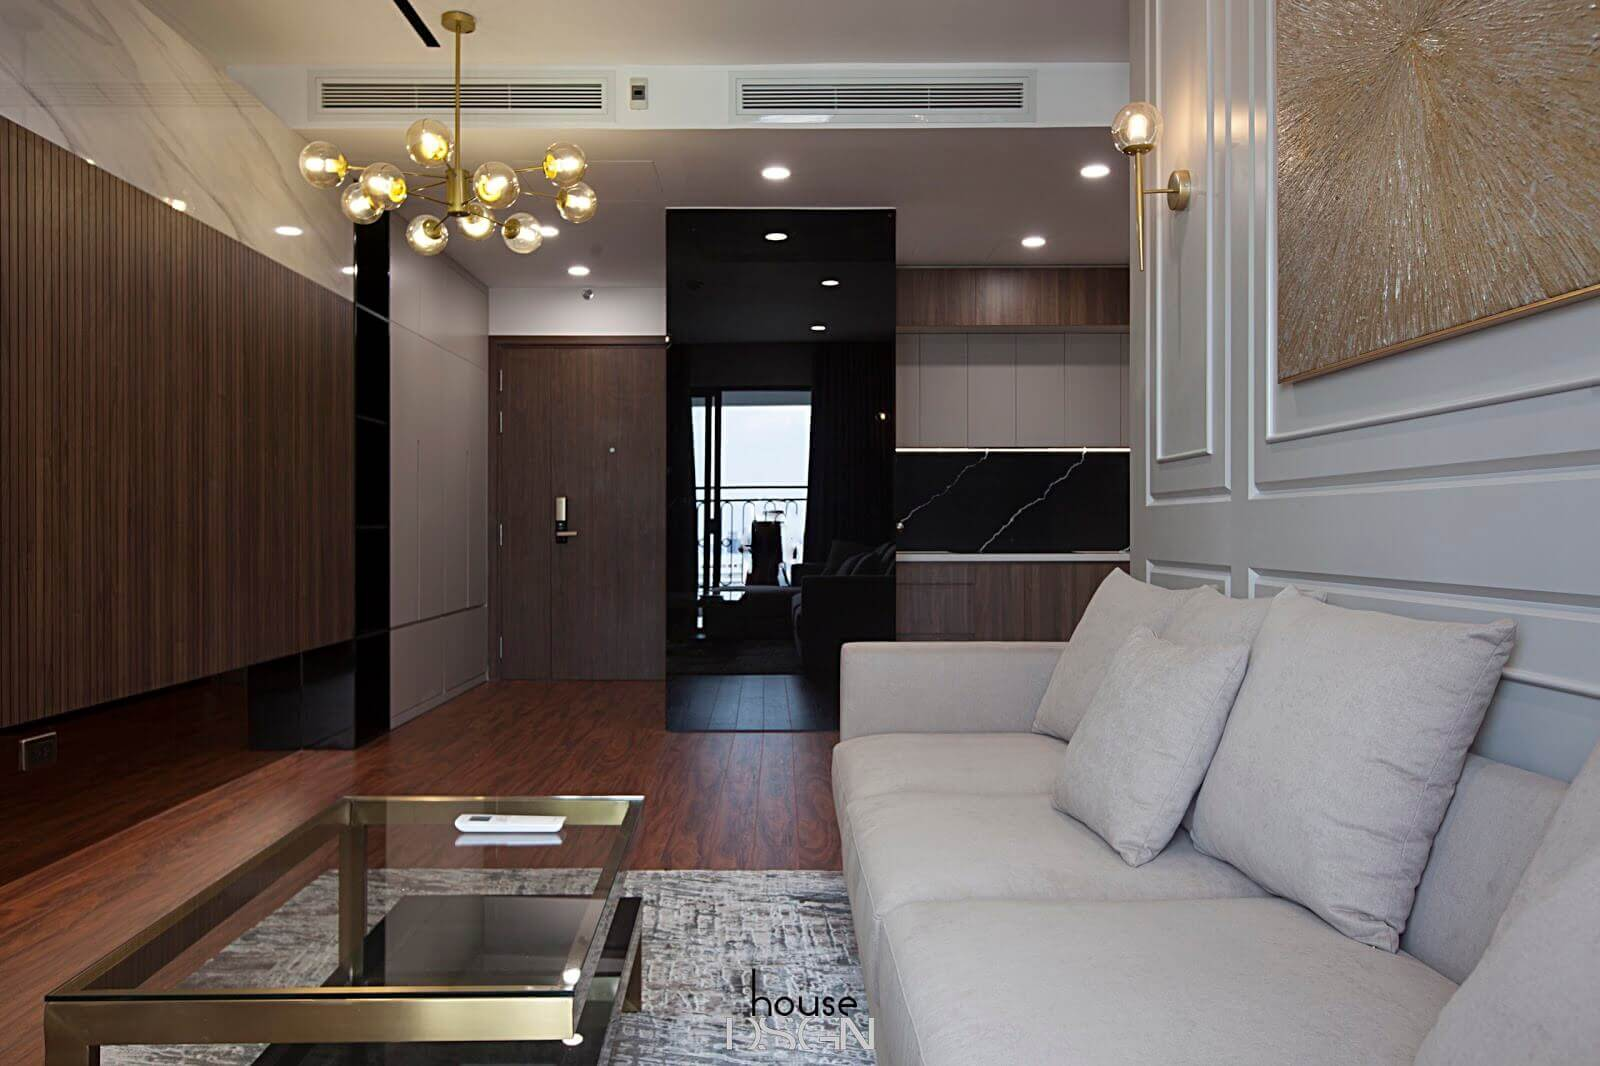 mẫu phong cách cổ điển trong thiết kế nội thất